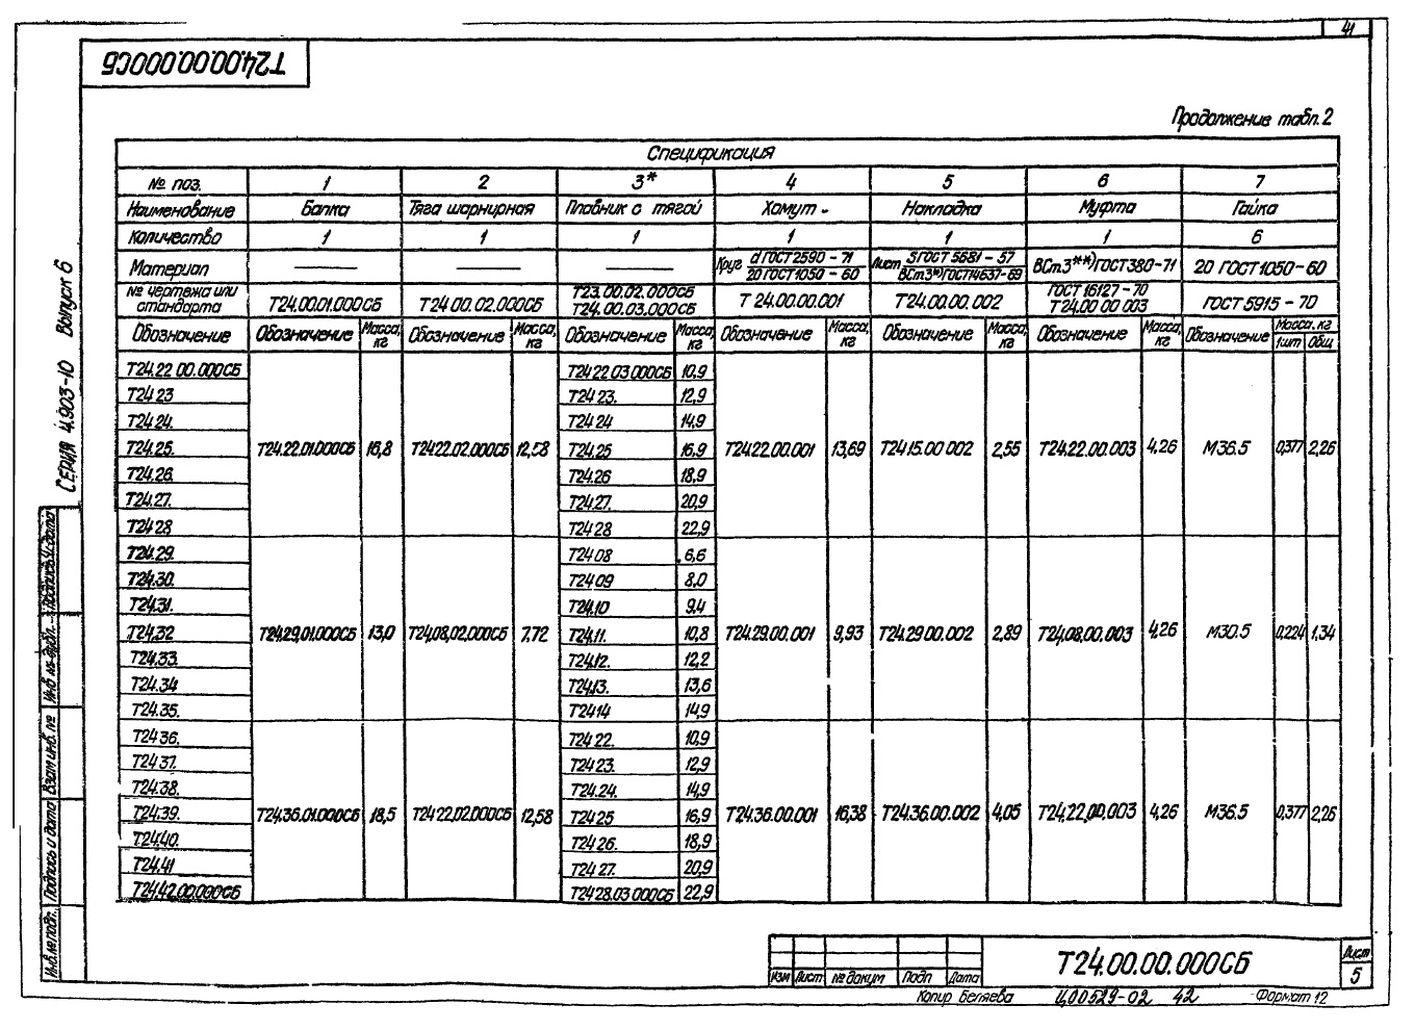 Опора подвижная жесткая Т24 с.4.903-10 вып.6 стр.5